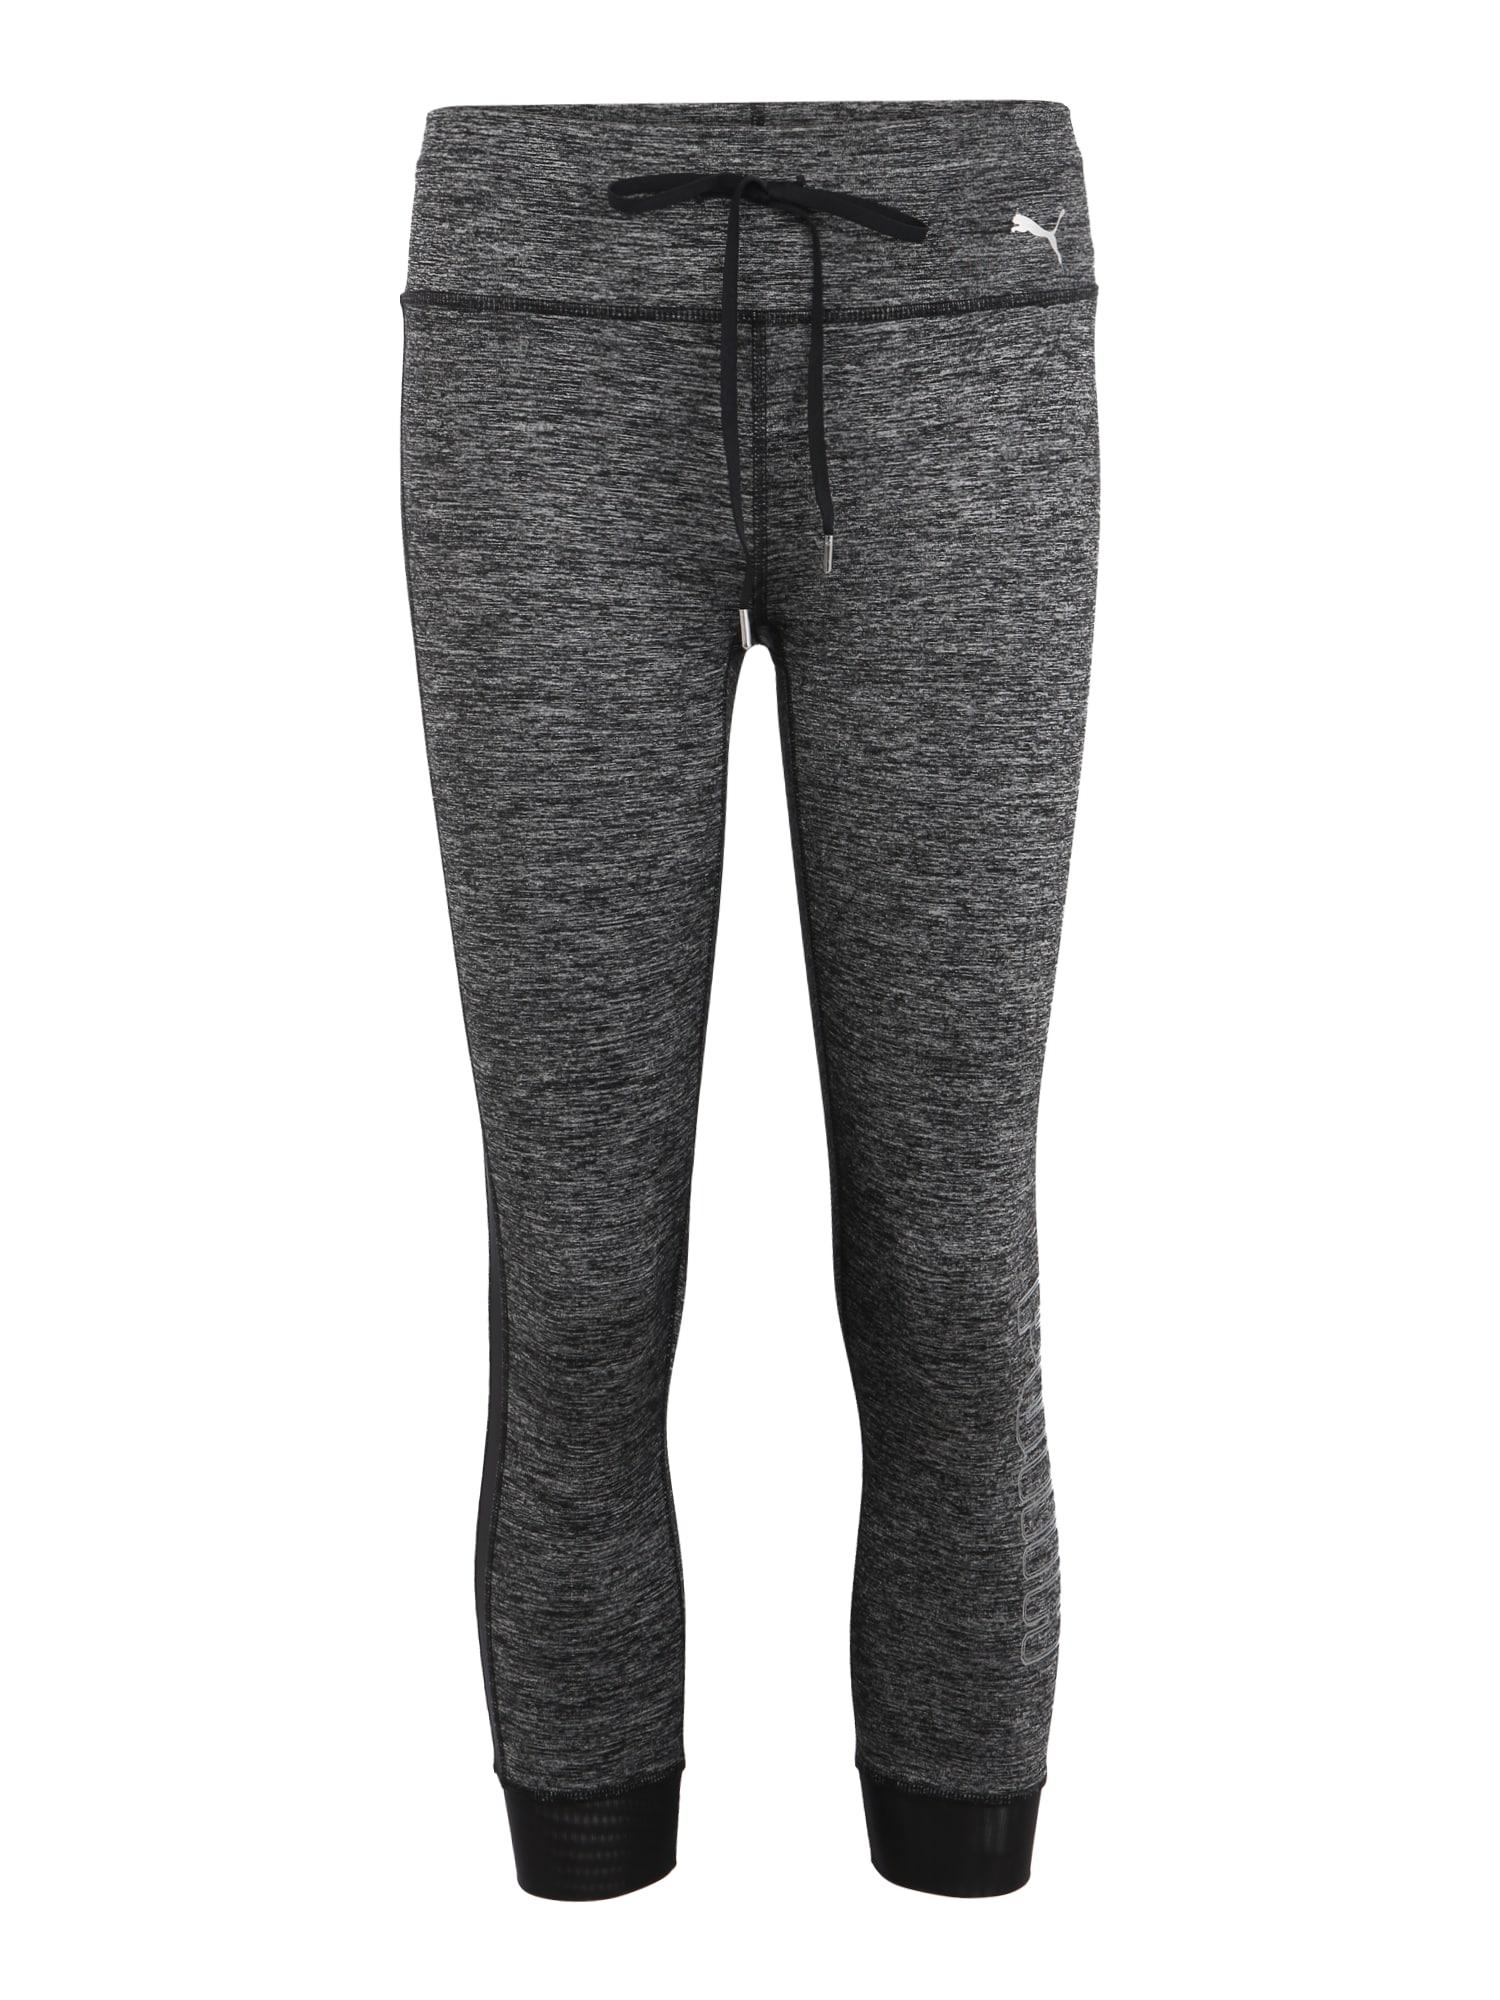 Sportovní kalhoty Explosive Heather tmavě šedá černá PUMA